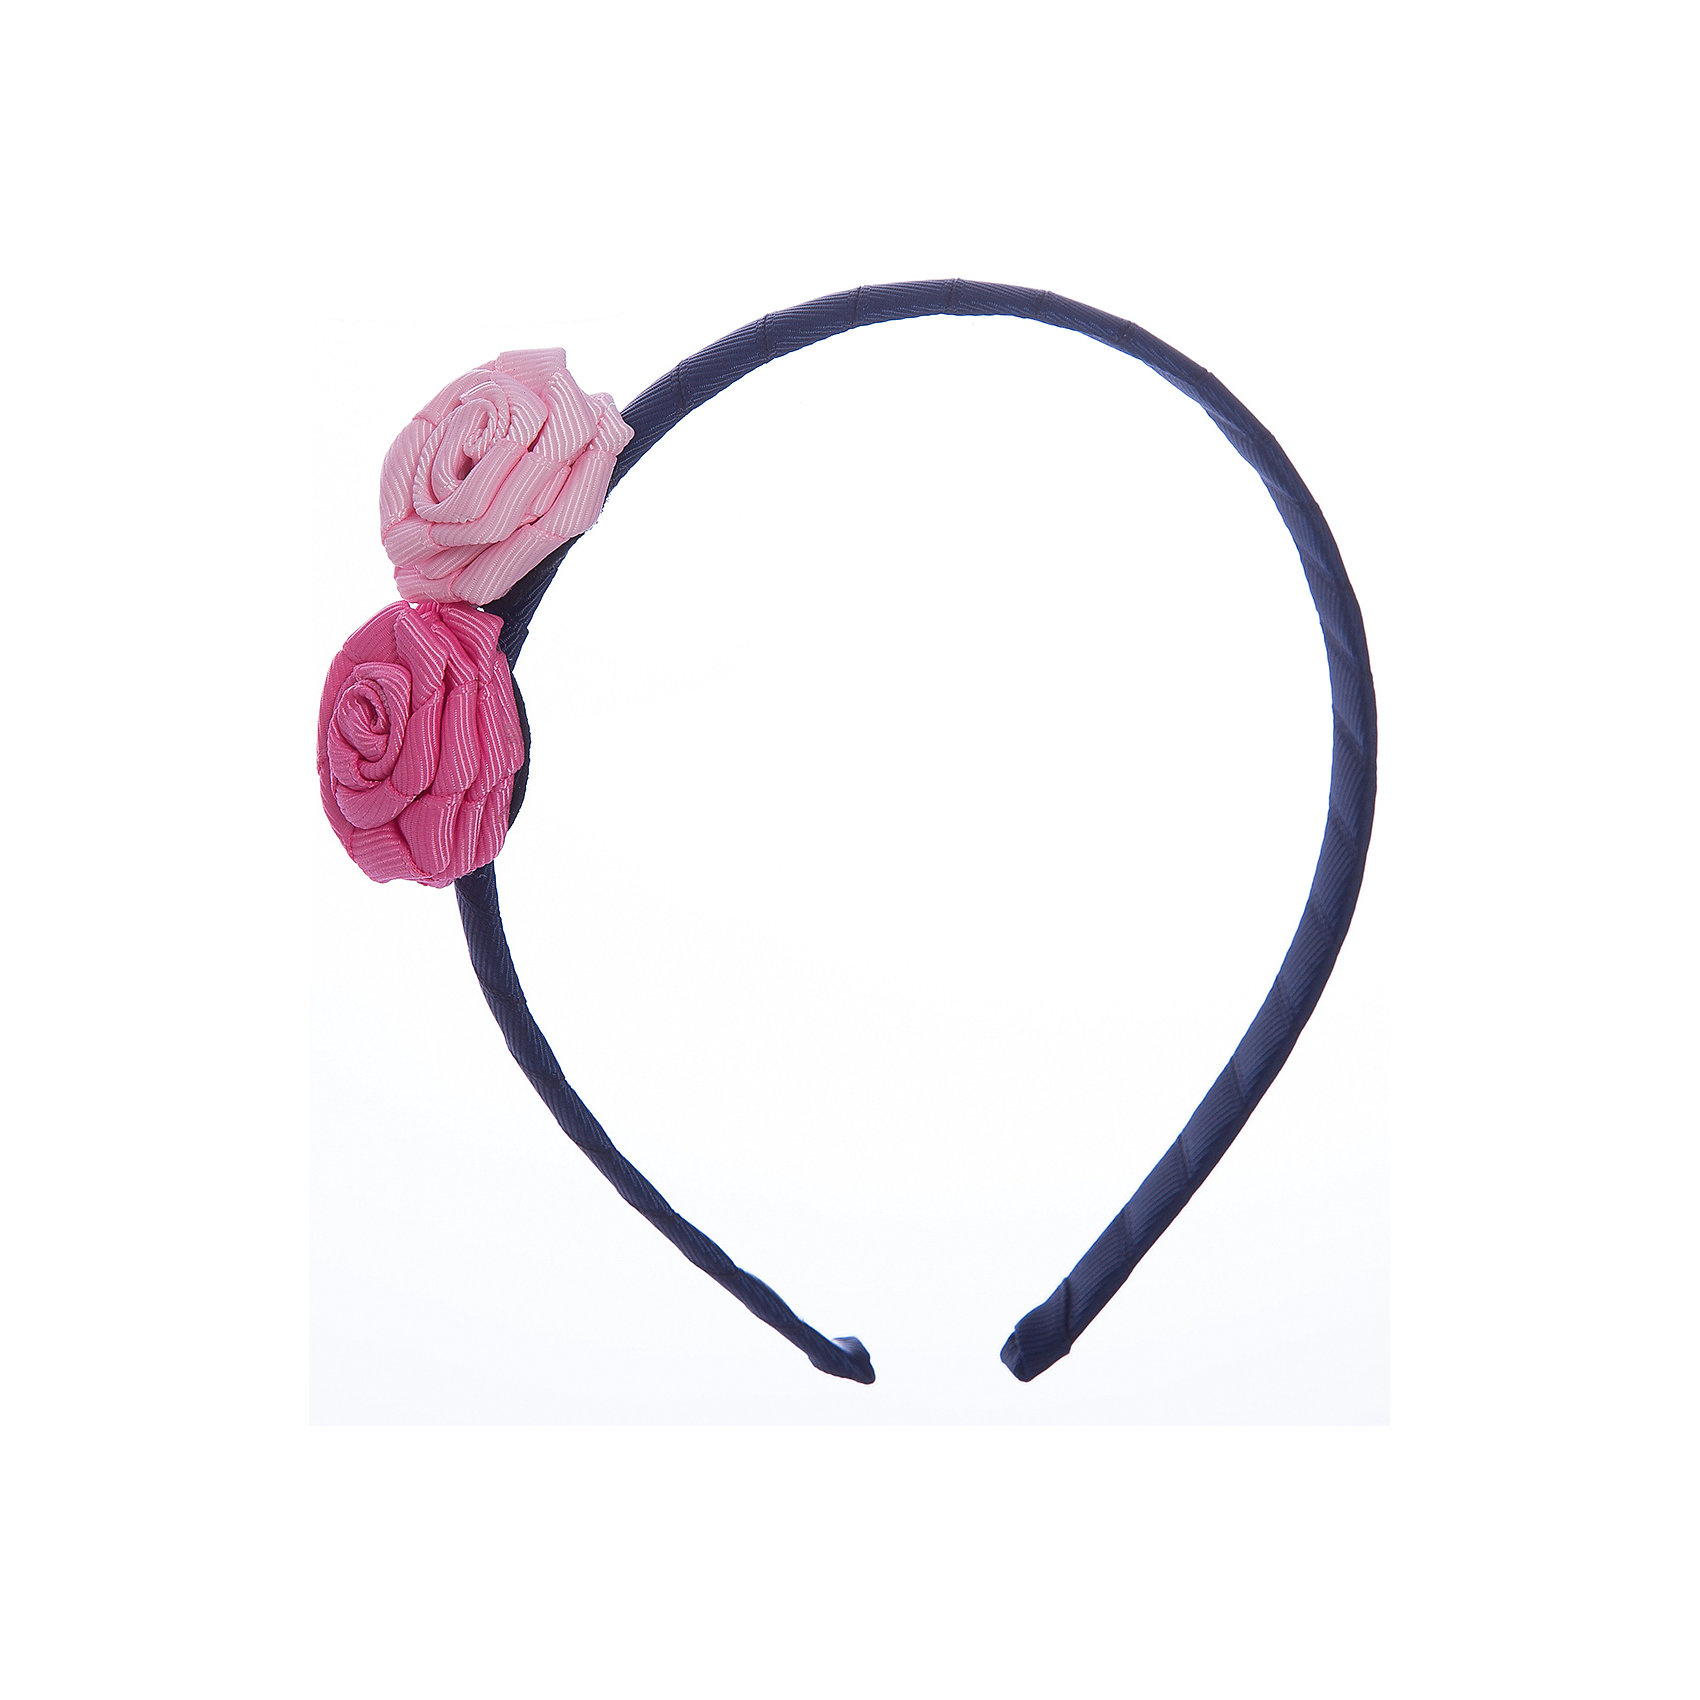 Ободок для девочки PlayTodayОбодок для девочки PlayToday<br><br>Характеристики:<br><br>• Материал: 50% пластик, 50% полиэстер<br>• Цвет: розовый, малиновый<br><br>Безразмерный ободок с красивыми розами сделает прическу ребенка праздничной и красивой. Он аккуратно убирает волосы, не цепляет их и легко снимается. Цветочки хорошо закреплены на пластиковой основе. <br><br>Ободок для девочки PlayToday можно купить в нашем интернет-магазине.<br><br>Ширина мм: 170<br>Глубина мм: 157<br>Высота мм: 67<br>Вес г: 117<br>Цвет: разноцветный<br>Возраст от месяцев: 36<br>Возраст до месяцев: 144<br>Пол: Женский<br>Возраст: Детский<br>Размер: one size<br>SKU: 5227602